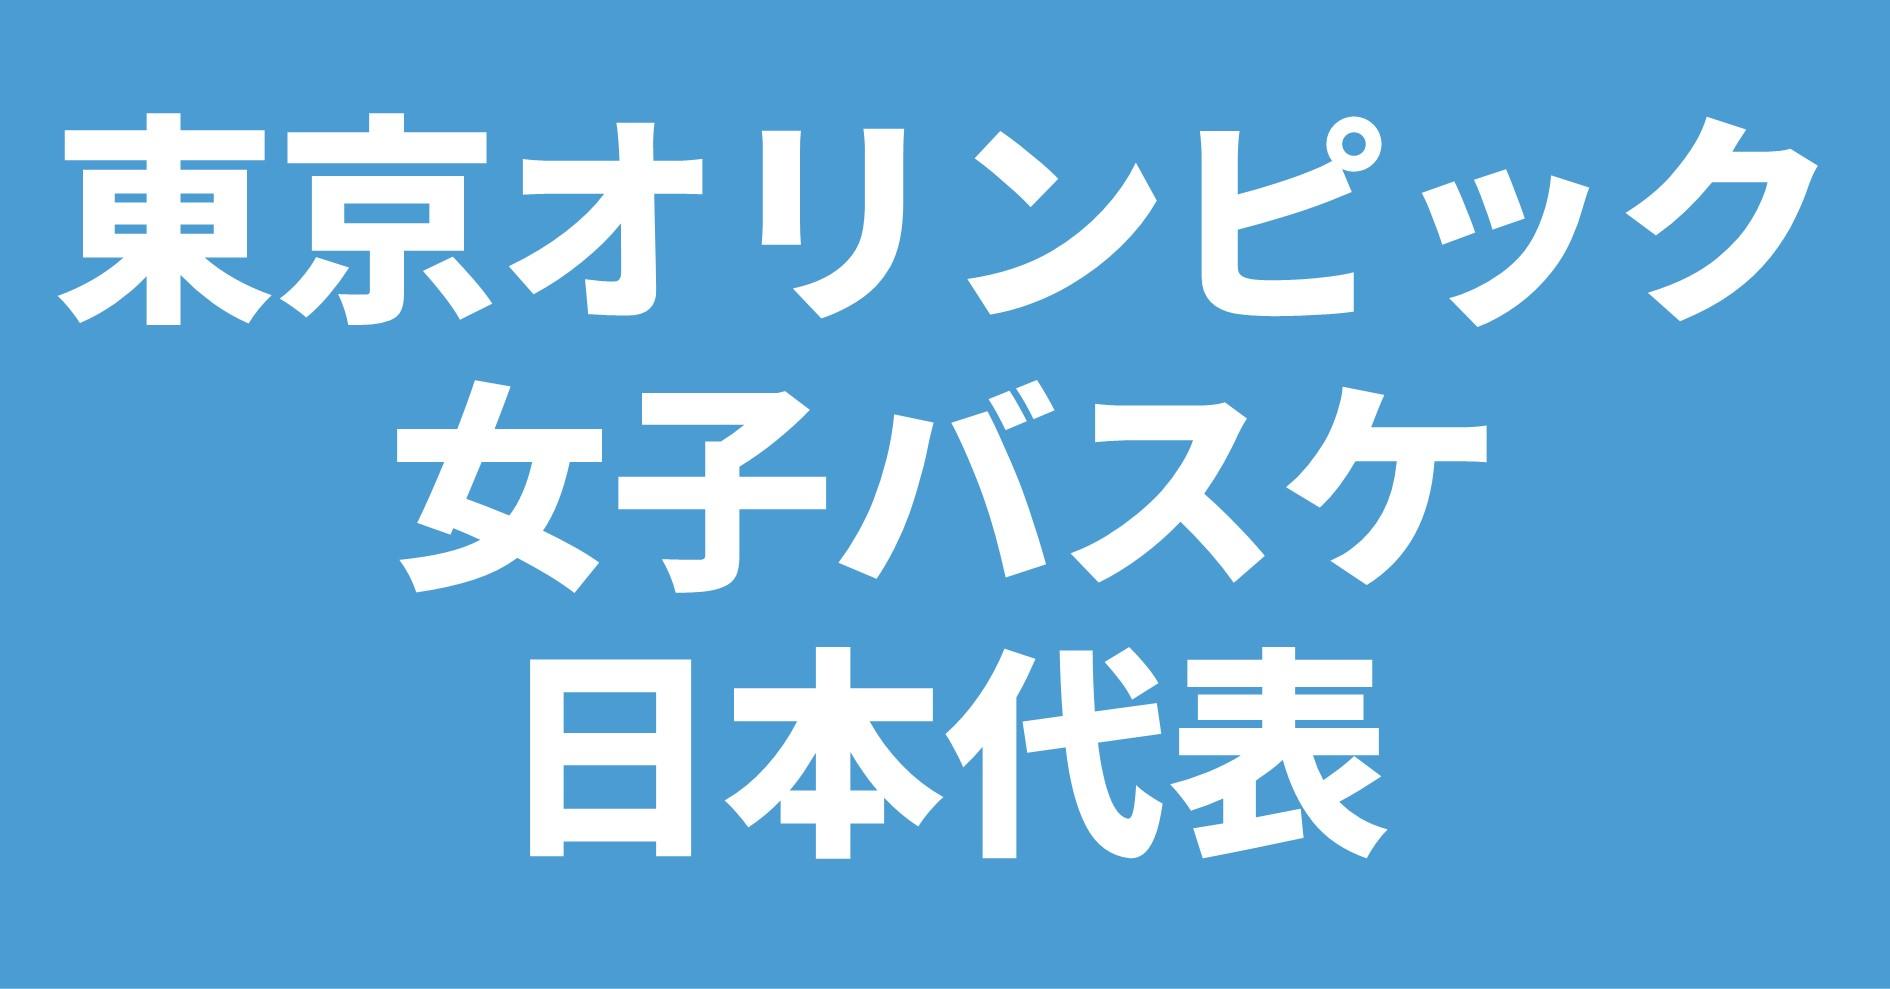 東京2020オリンピック 女子バスケ日本代表